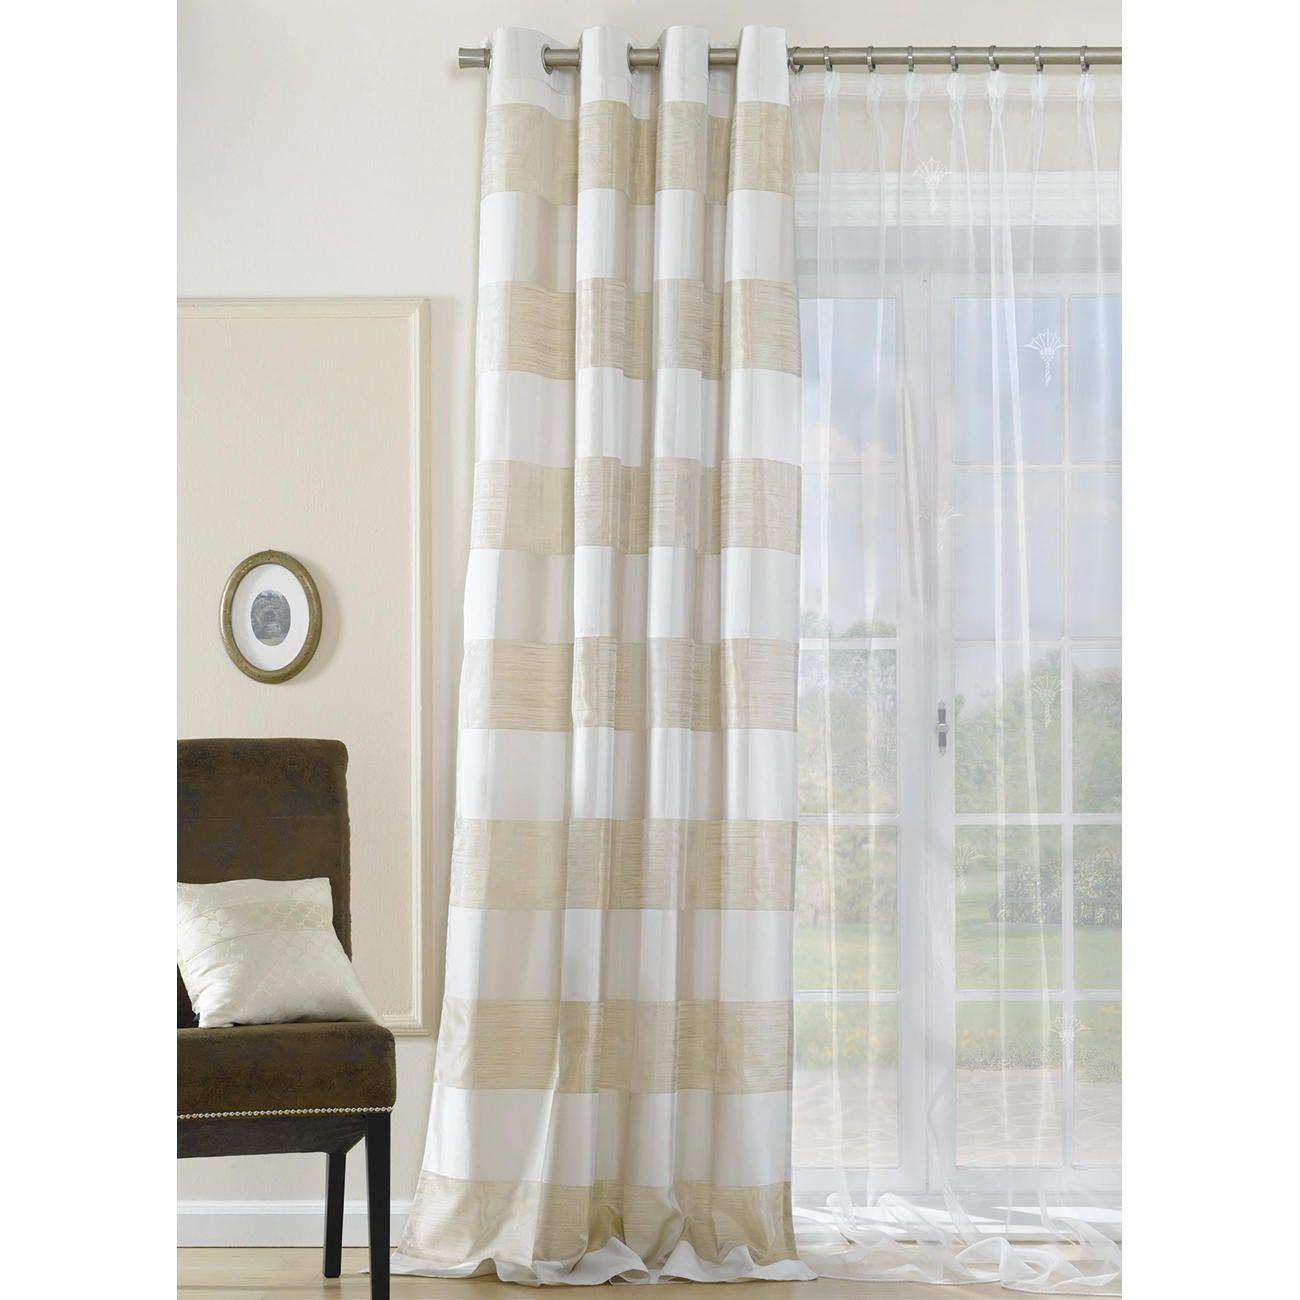 vorhang carmaux 1 vorhang 4 garne 4 webarten 3d wirkung von joop curtains pinterest. Black Bedroom Furniture Sets. Home Design Ideas